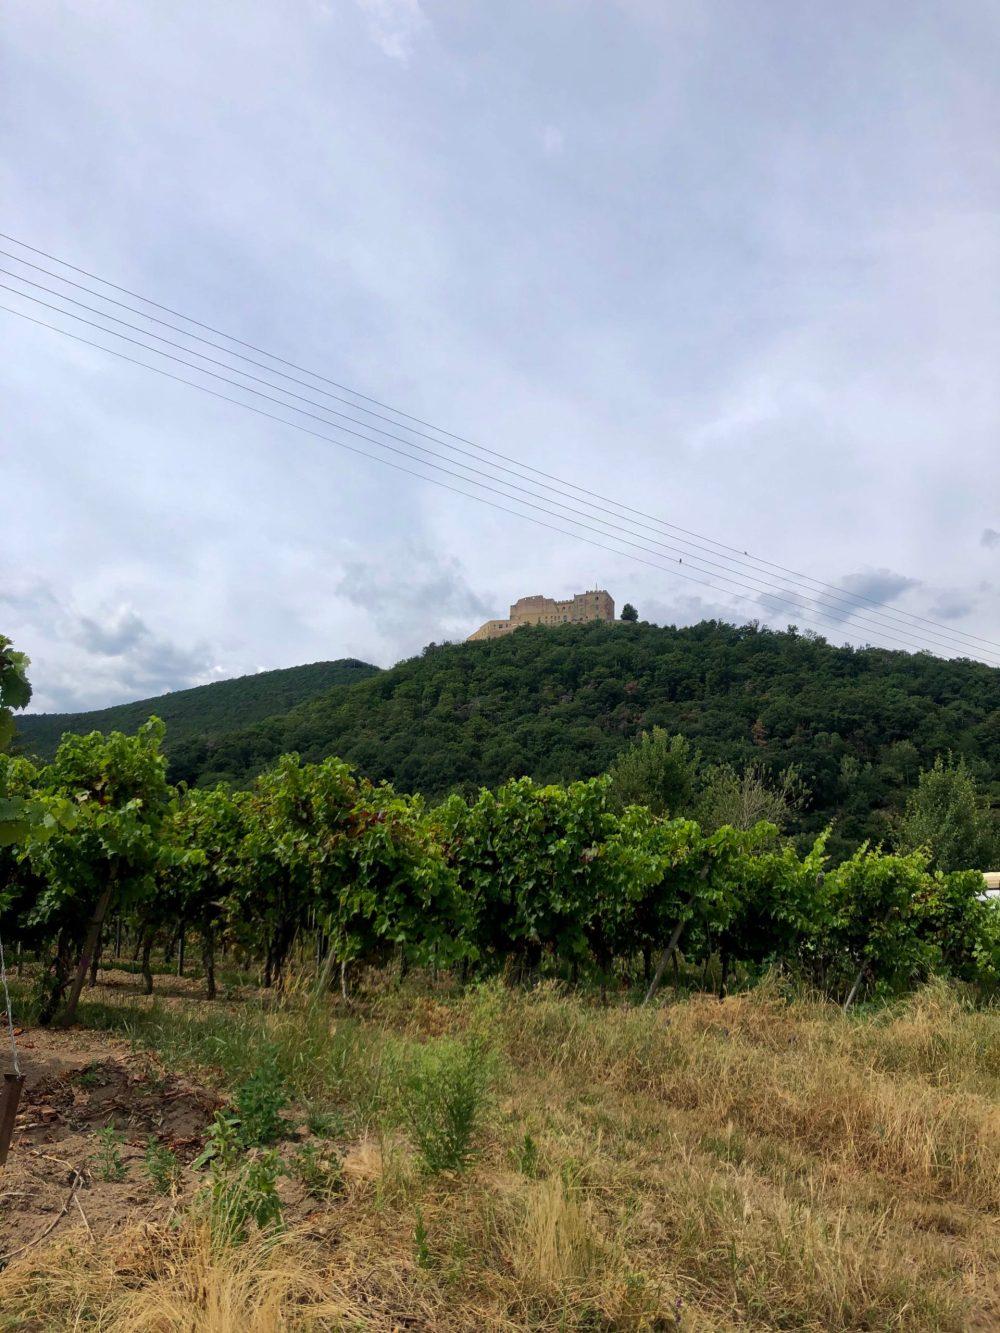 Blick über die Weintrauben Sträucher auf den Berg